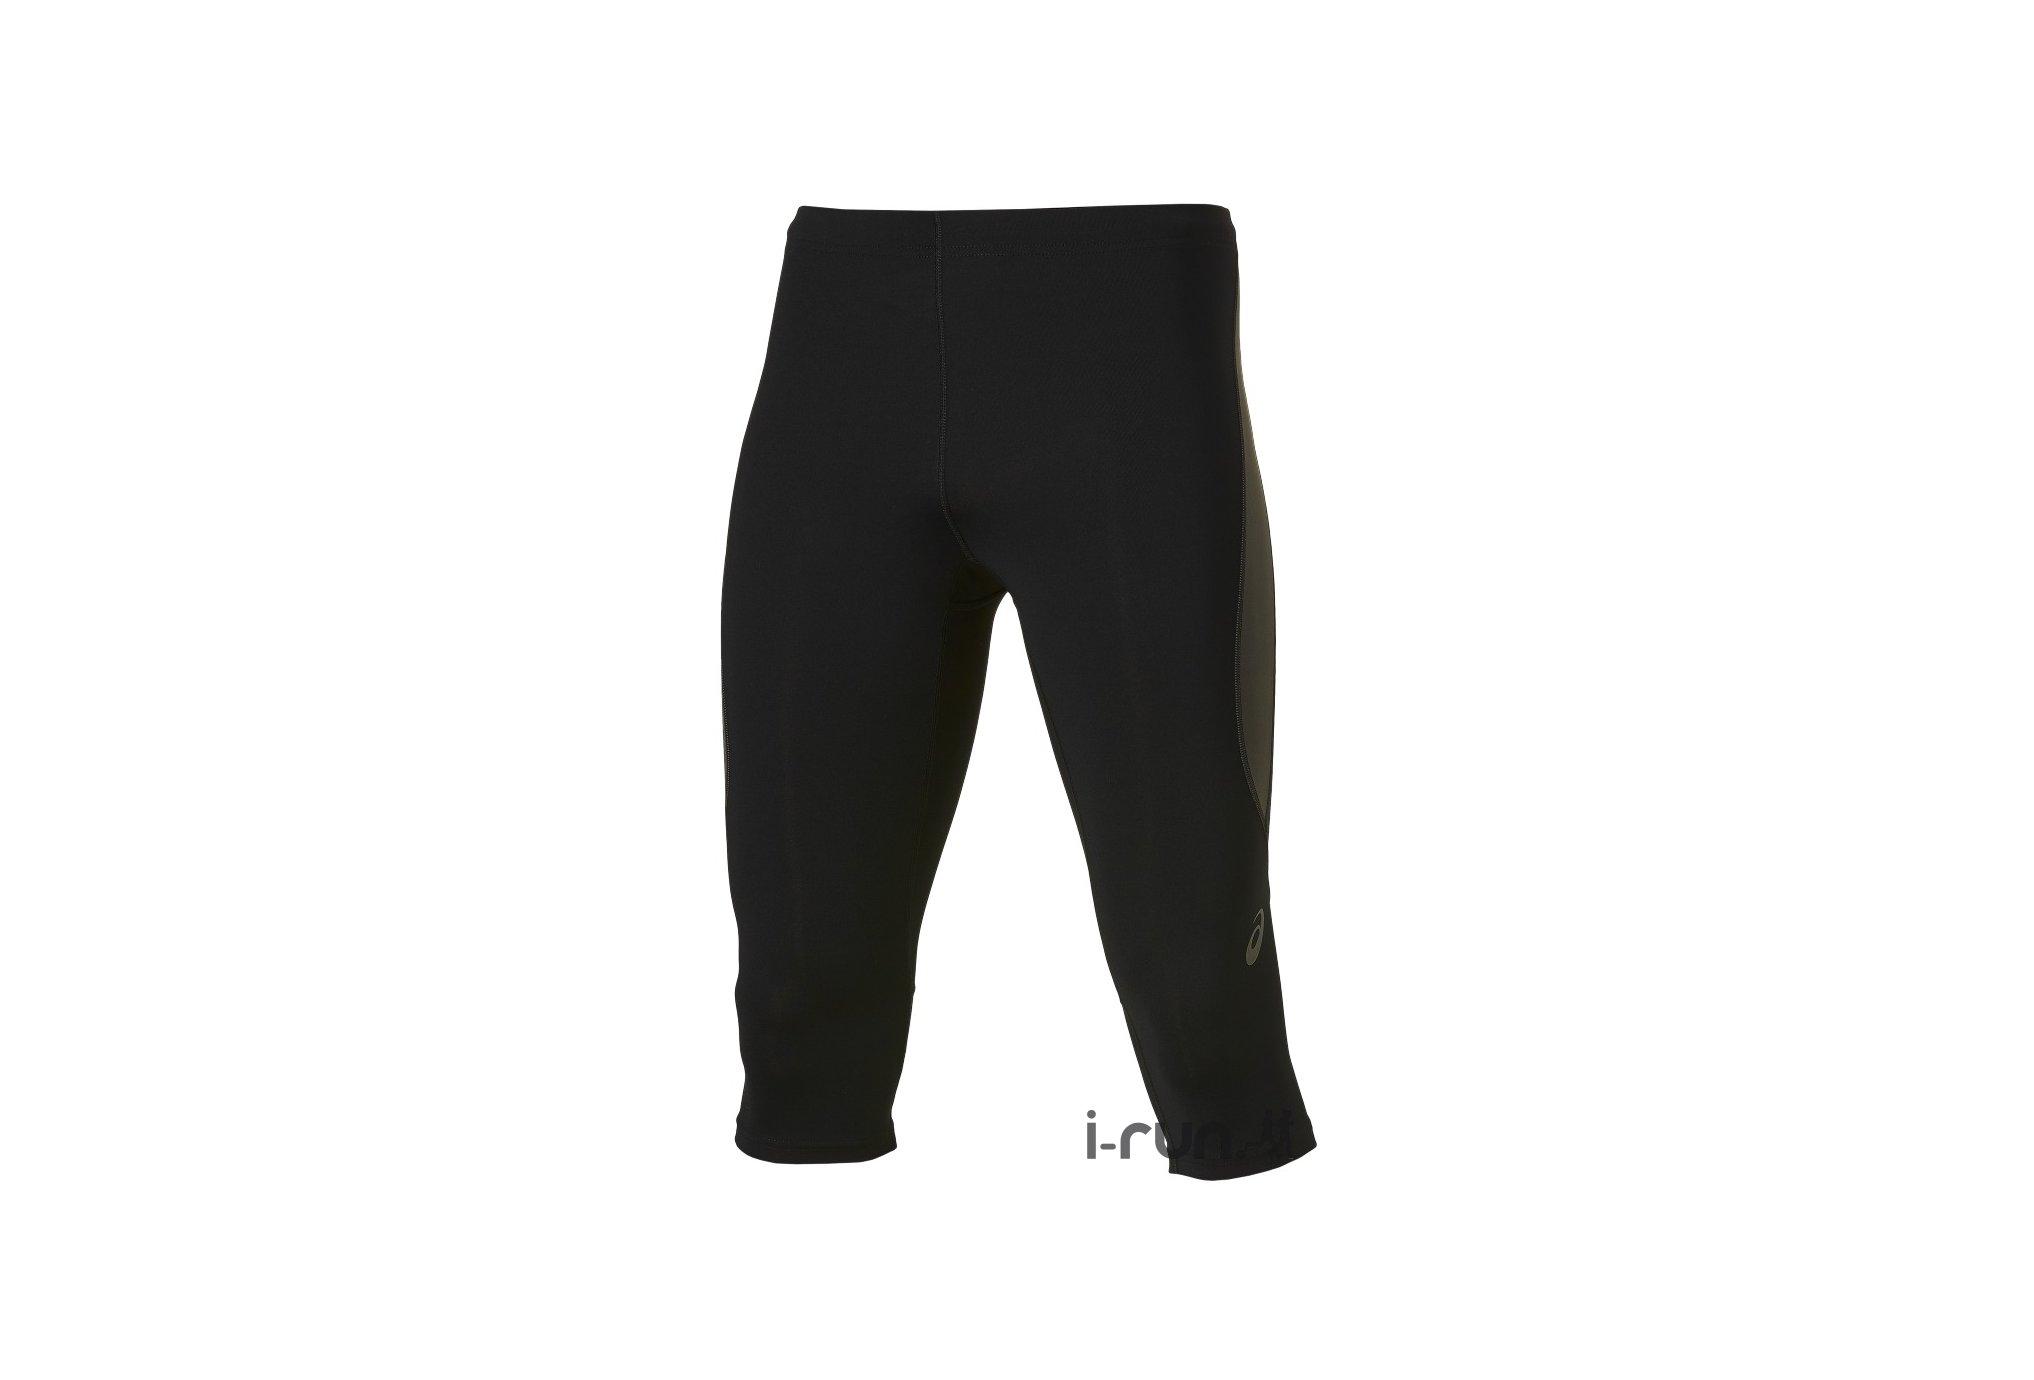 Asics Collant 3/4 race knee m diététique vêtements homme